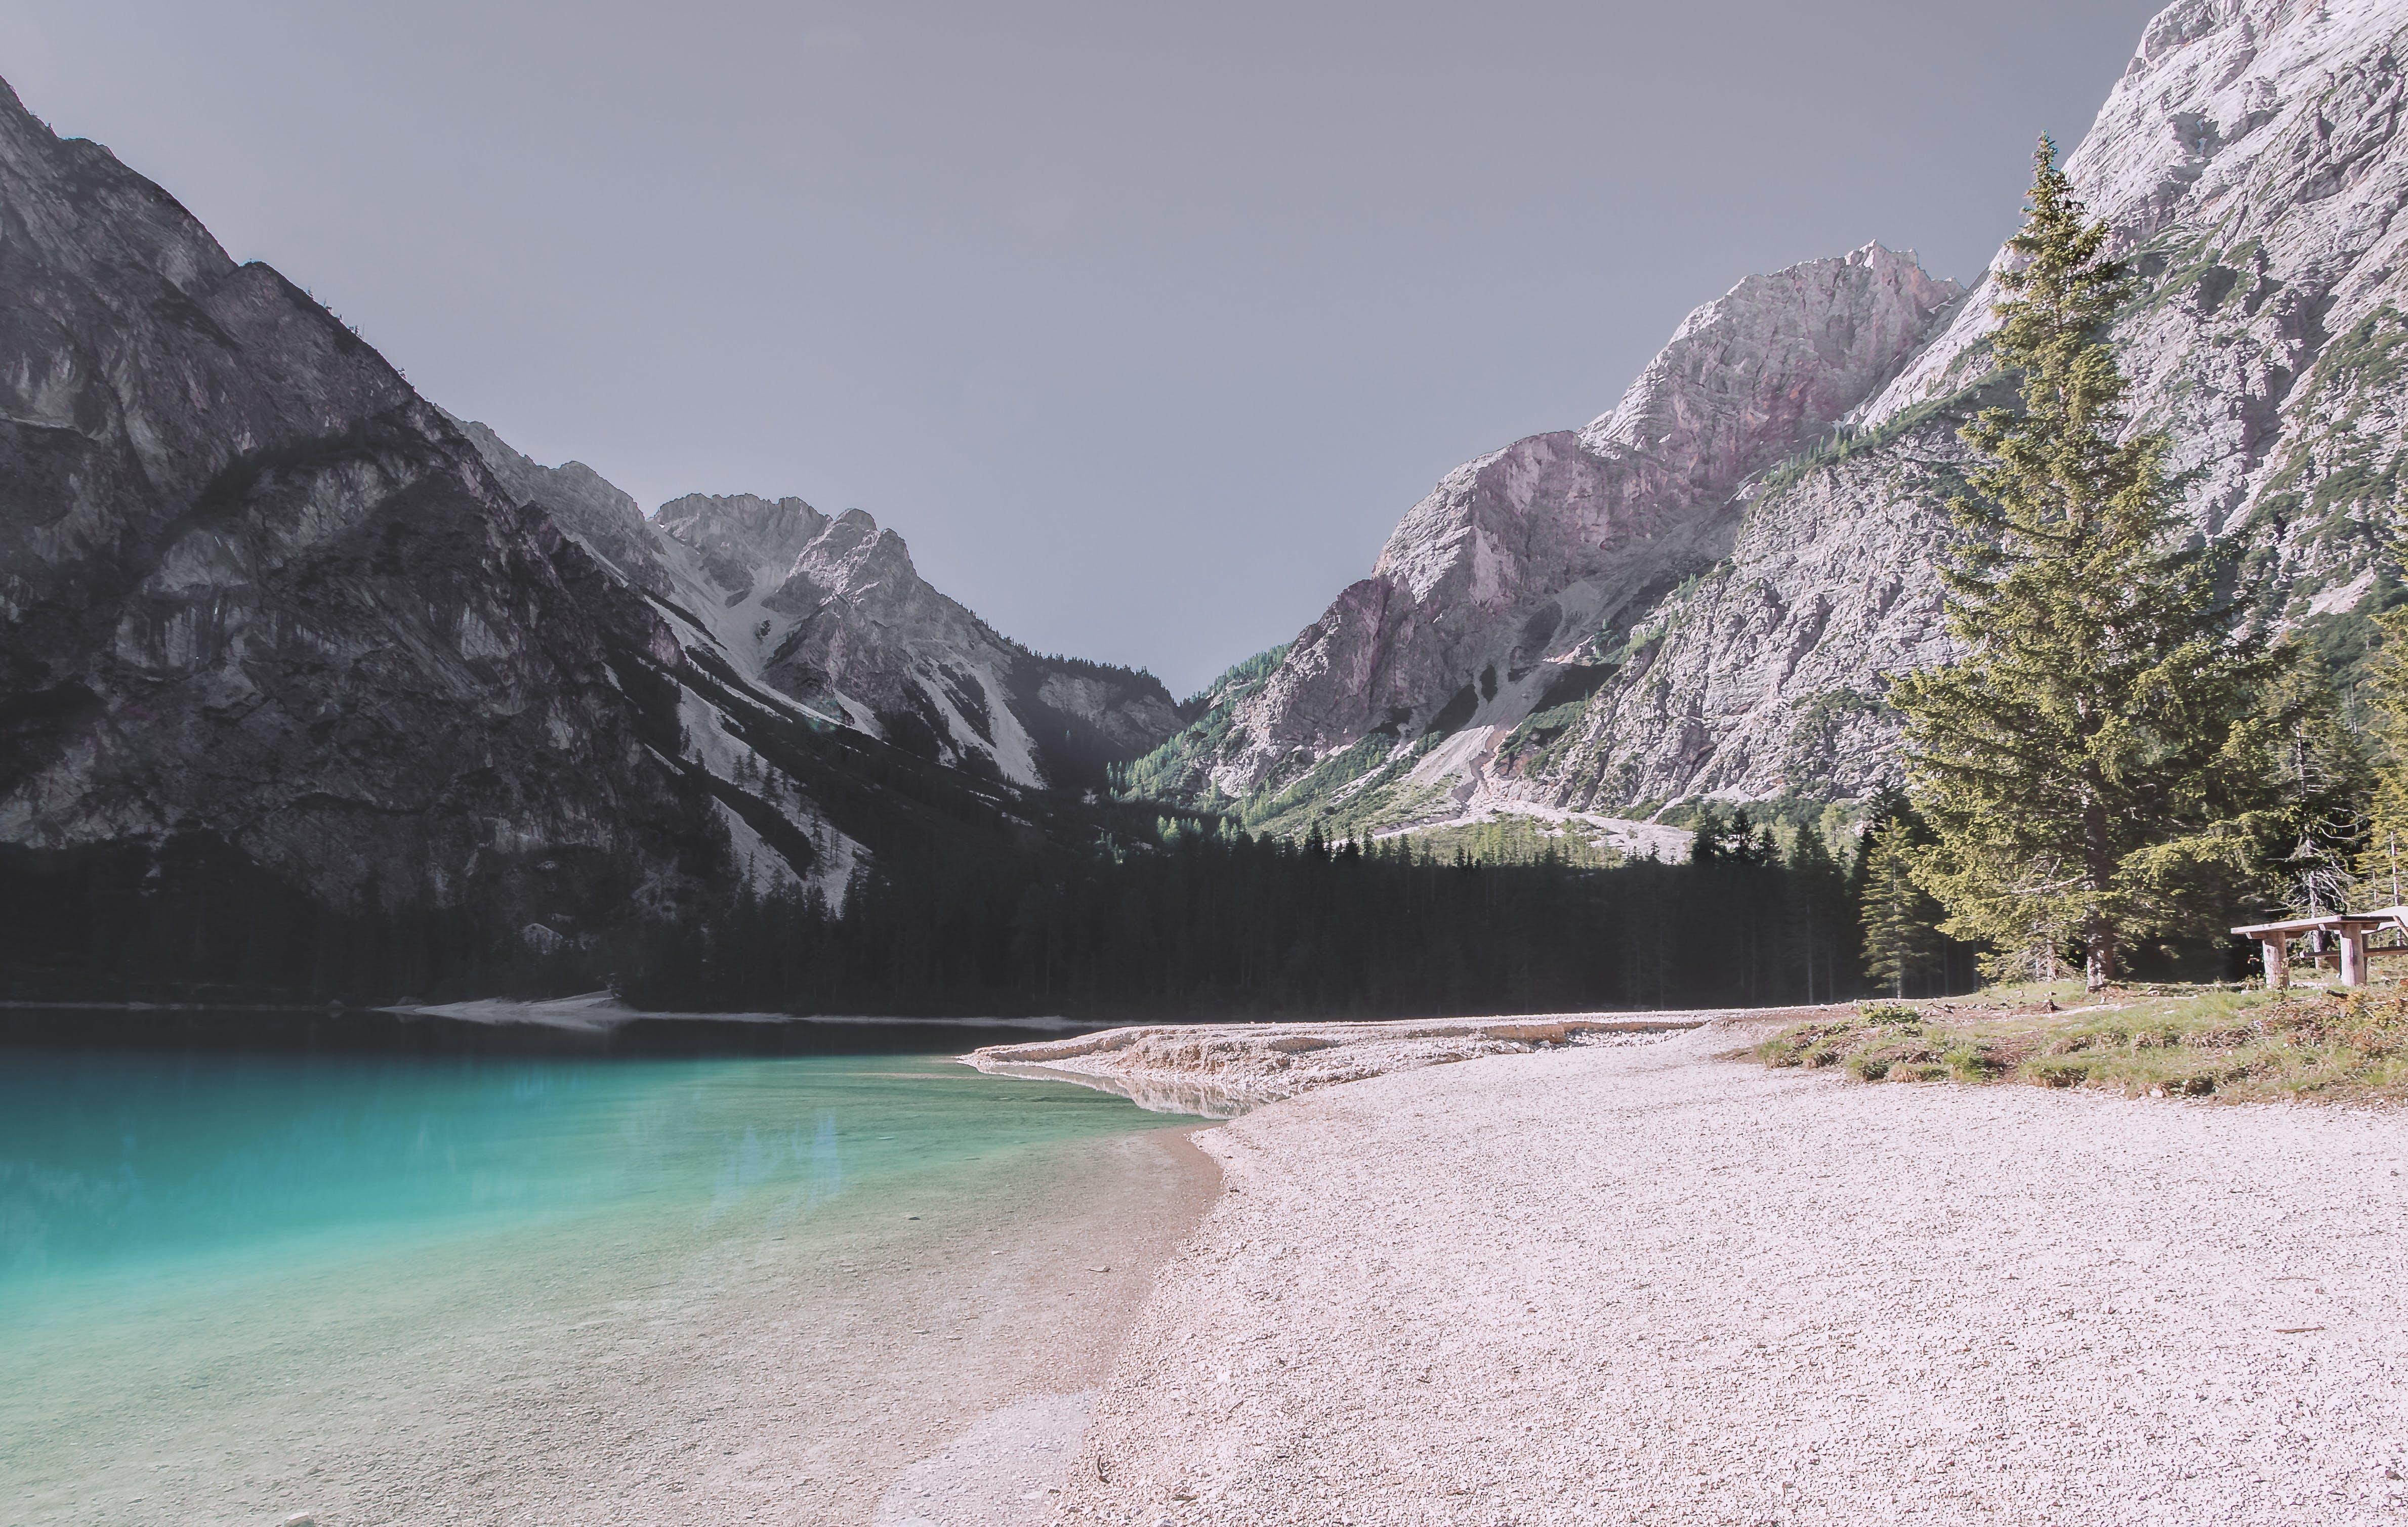 White Mountain Ridge Near Body of Water